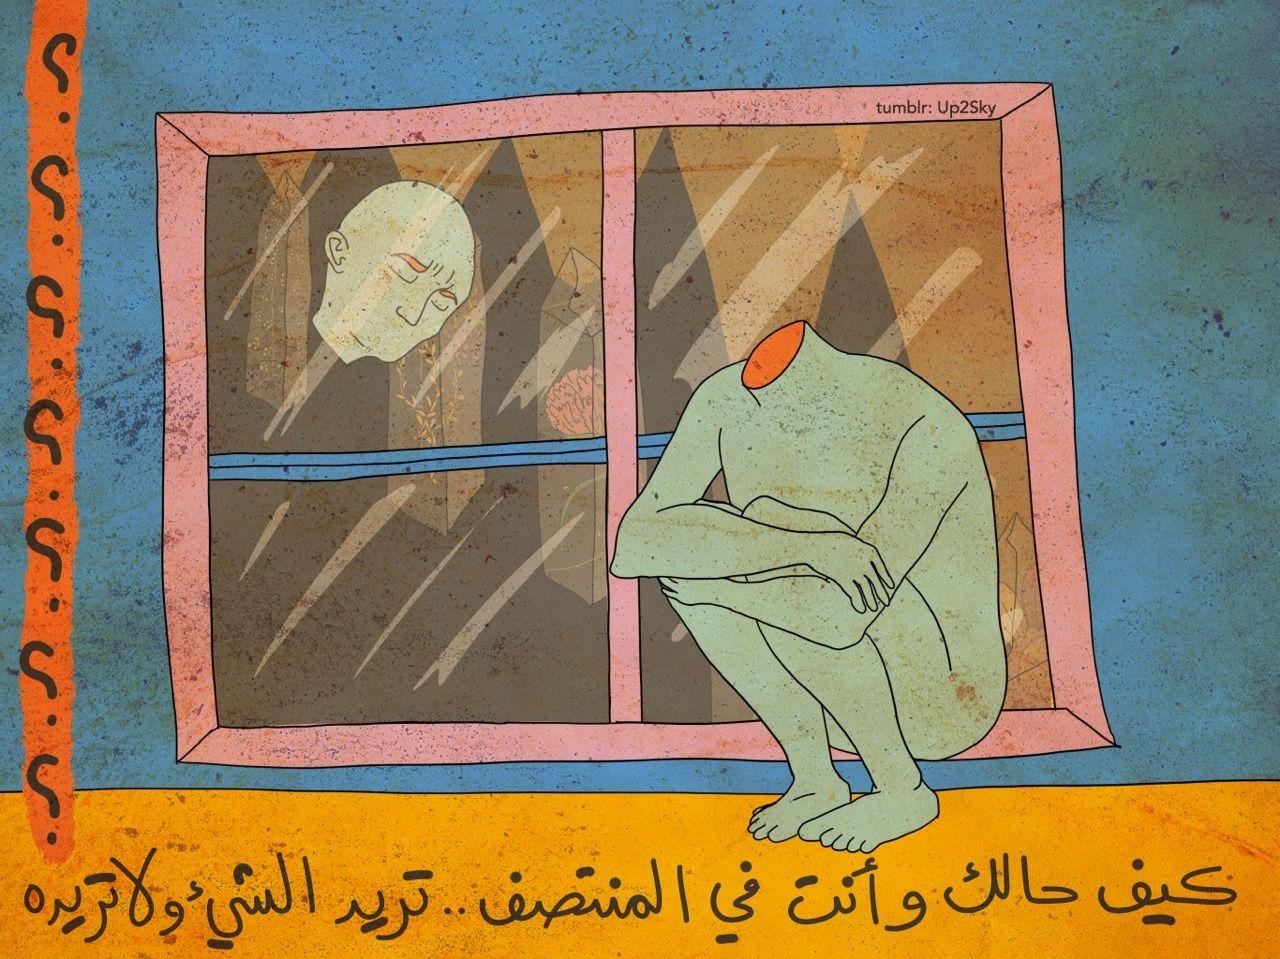 قيدني يا أمل أكتب كي لا أضطر للبكاء الله يرحمك أخي الغالي Drawing Quotes Aesthetic Art Art